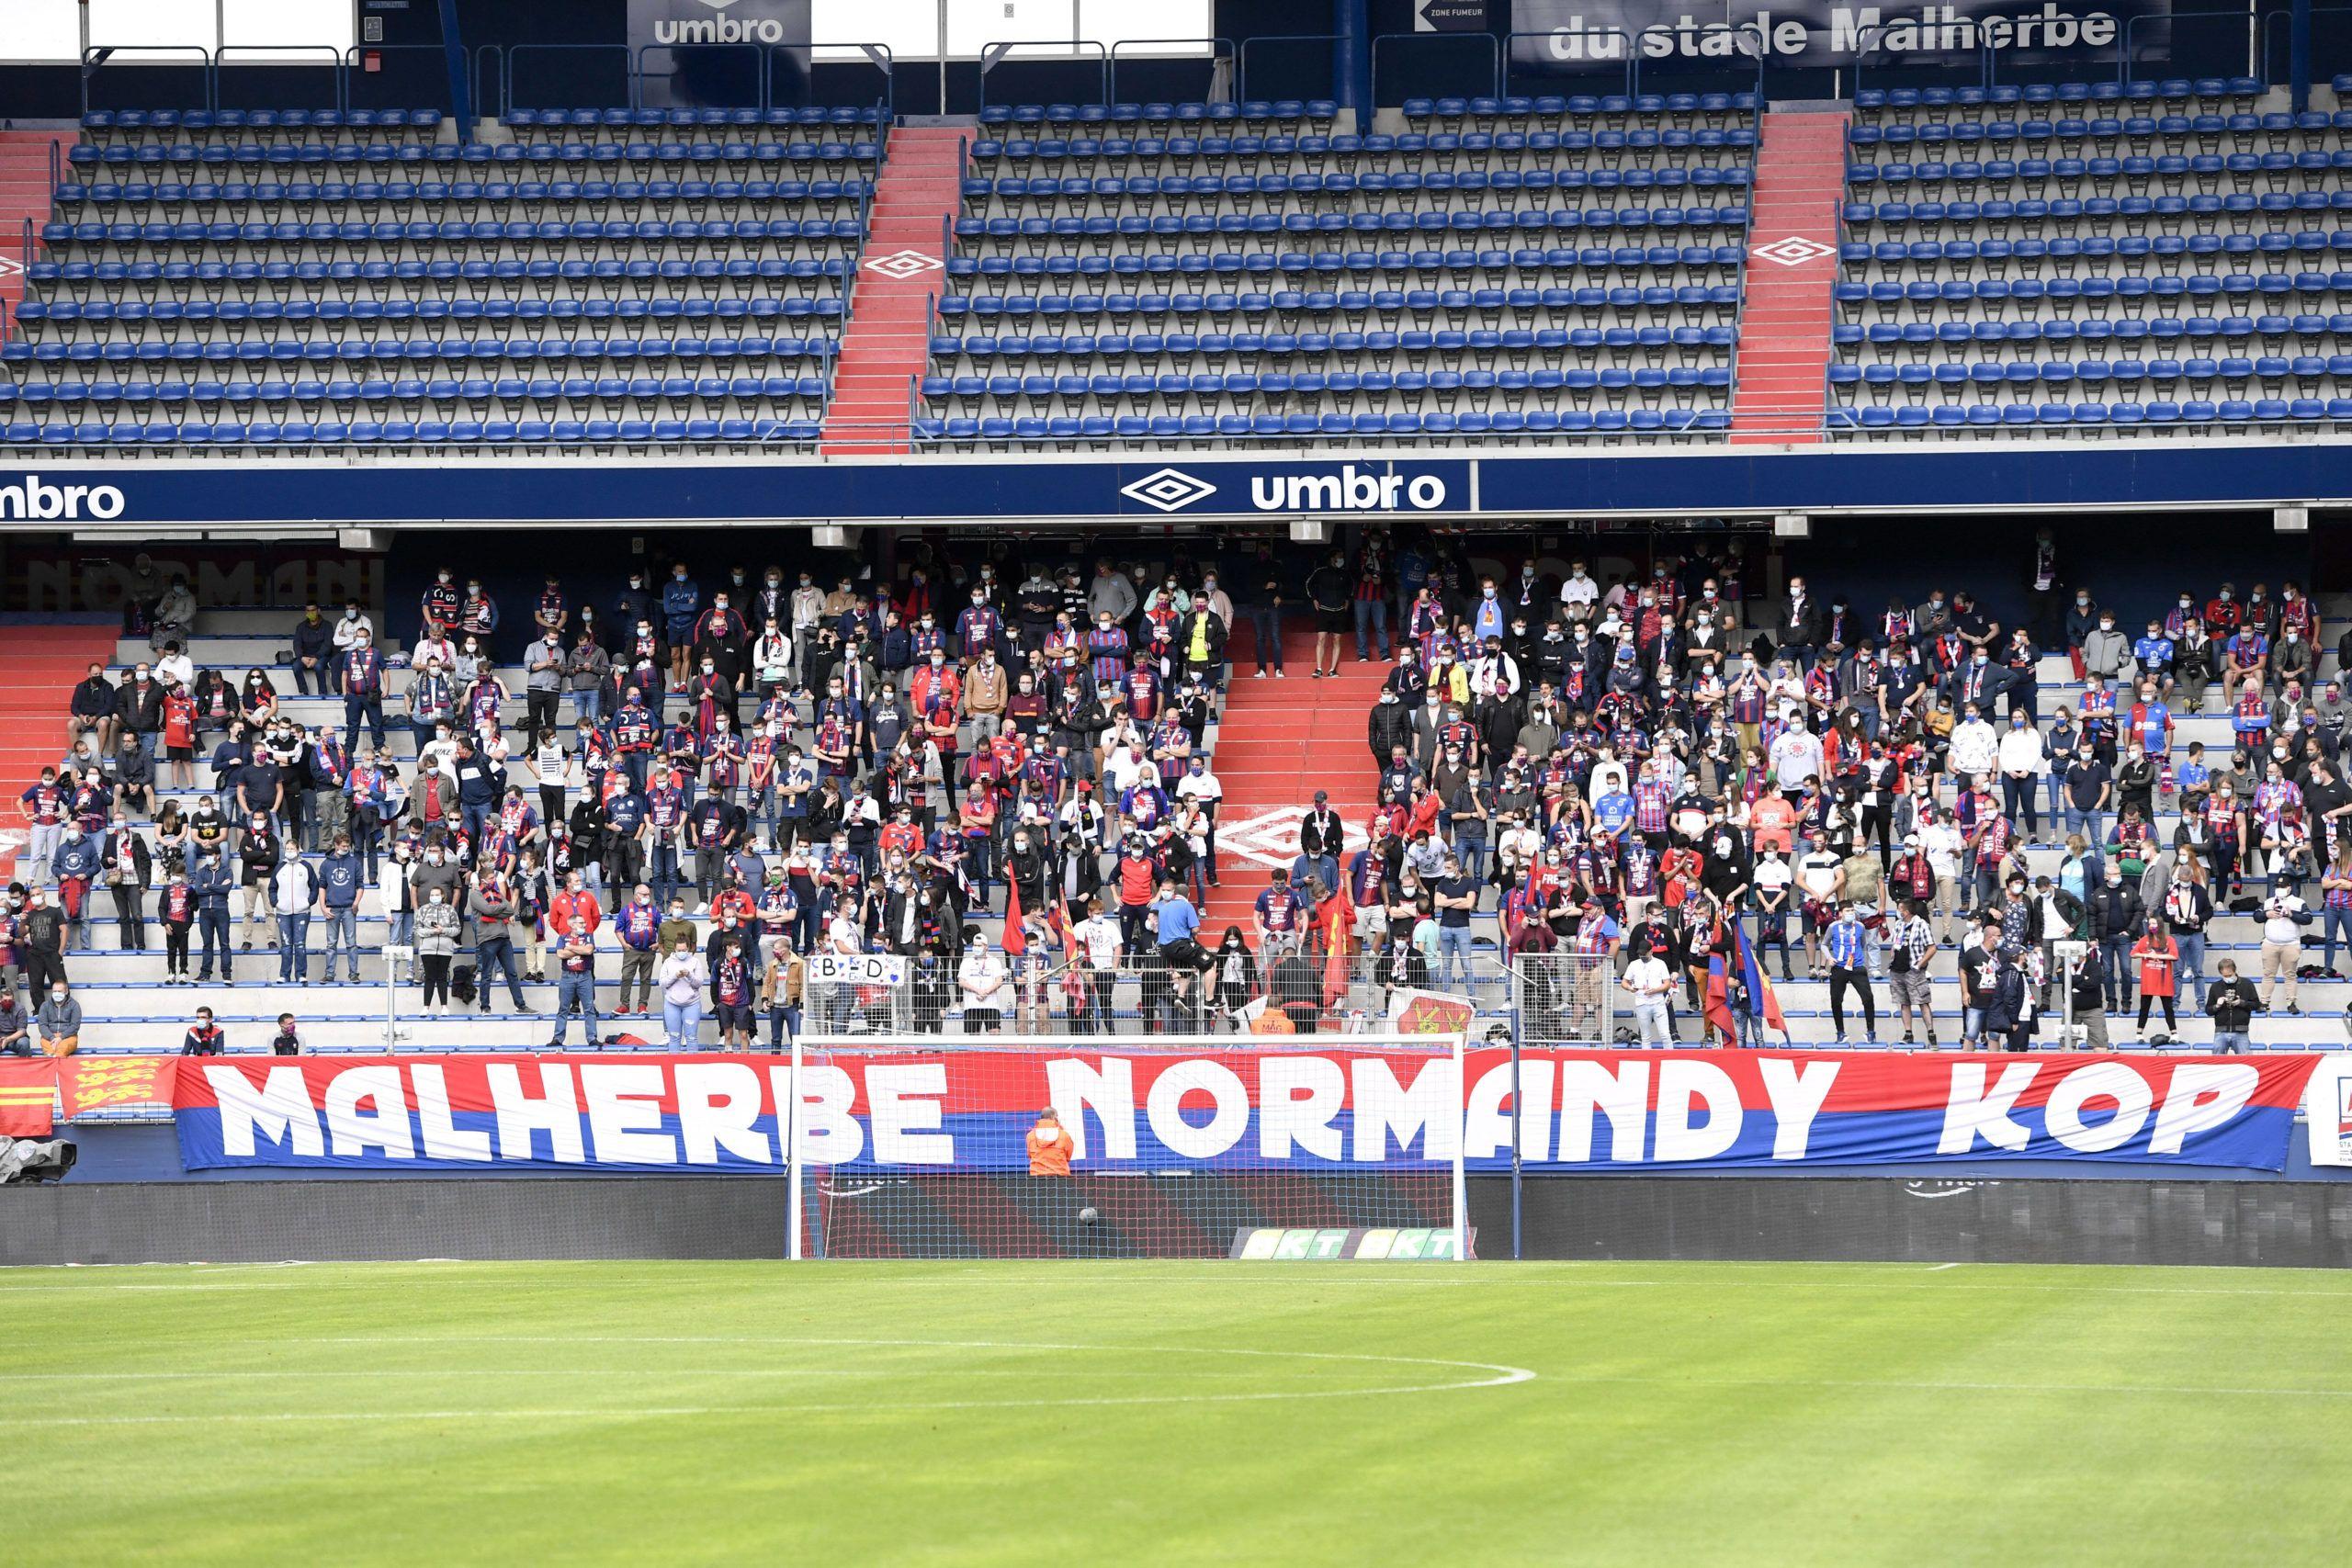 Pass sanitaire : comment accéder au stade pour la reprise de la Ligue 2 ?